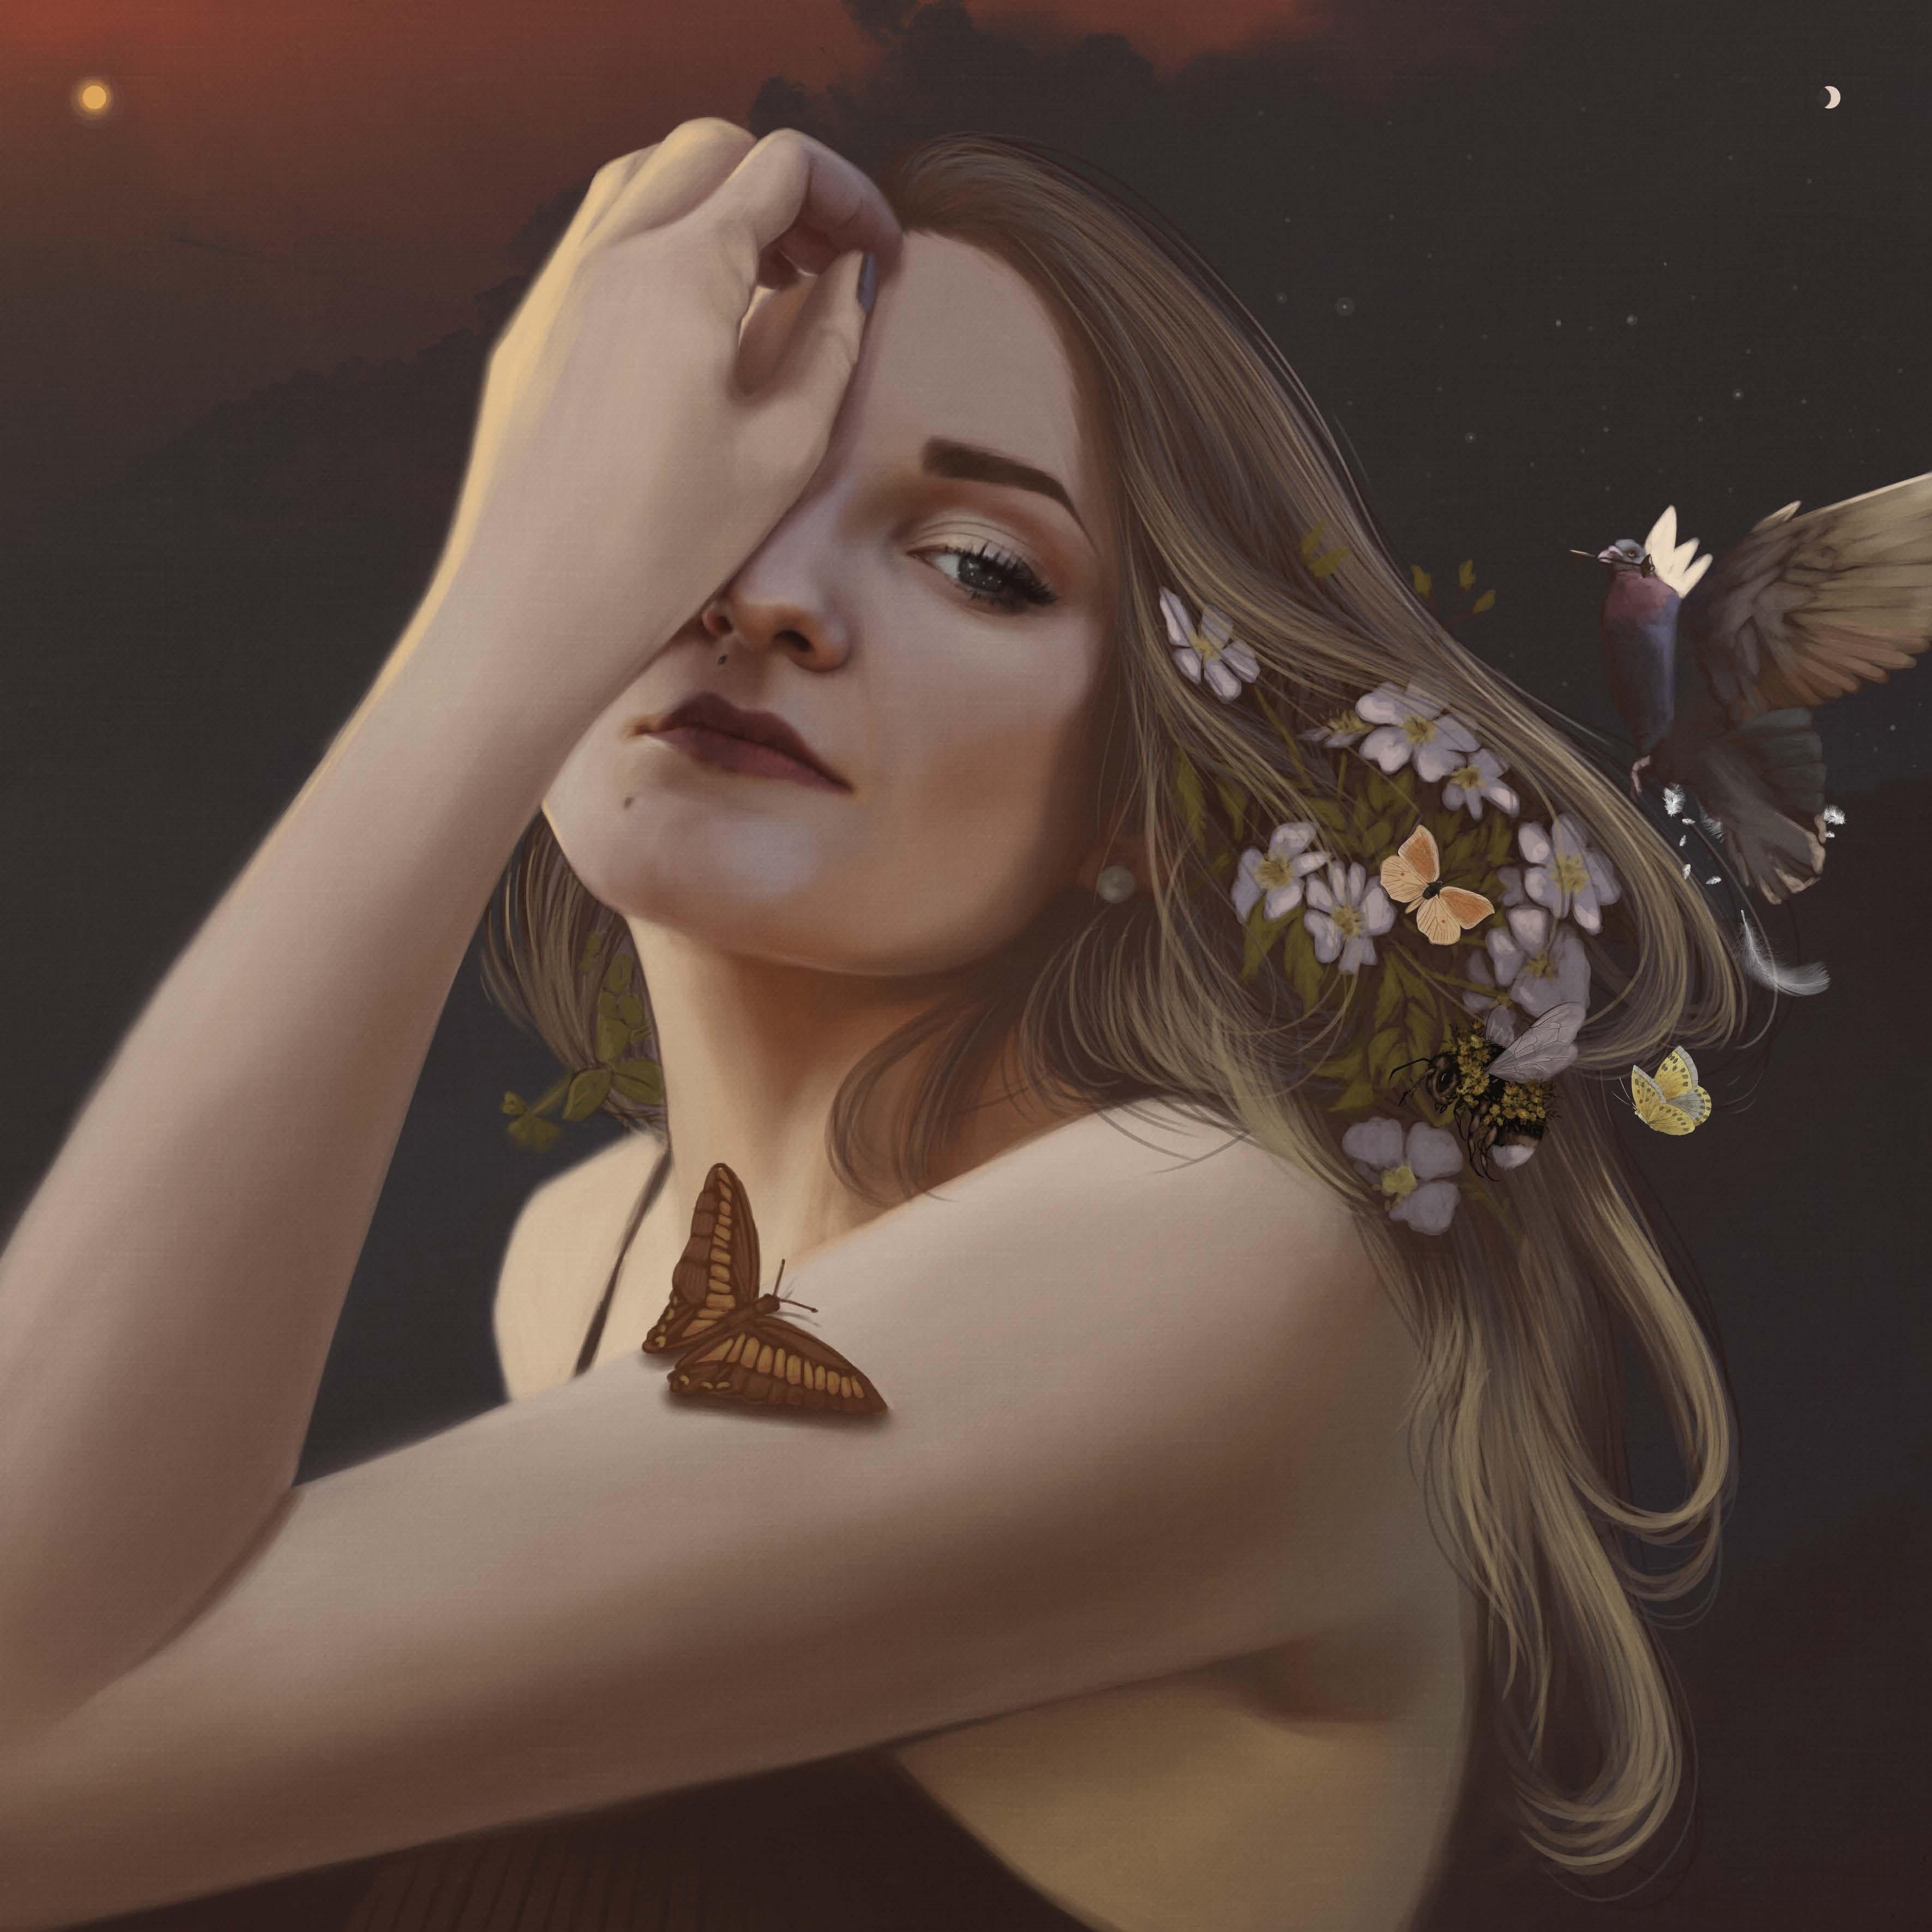 Revelle veröffentlicht 'erste liebe' – Nur mit dem Klavier, ihrer Stimme und Texten – Poesie pur!